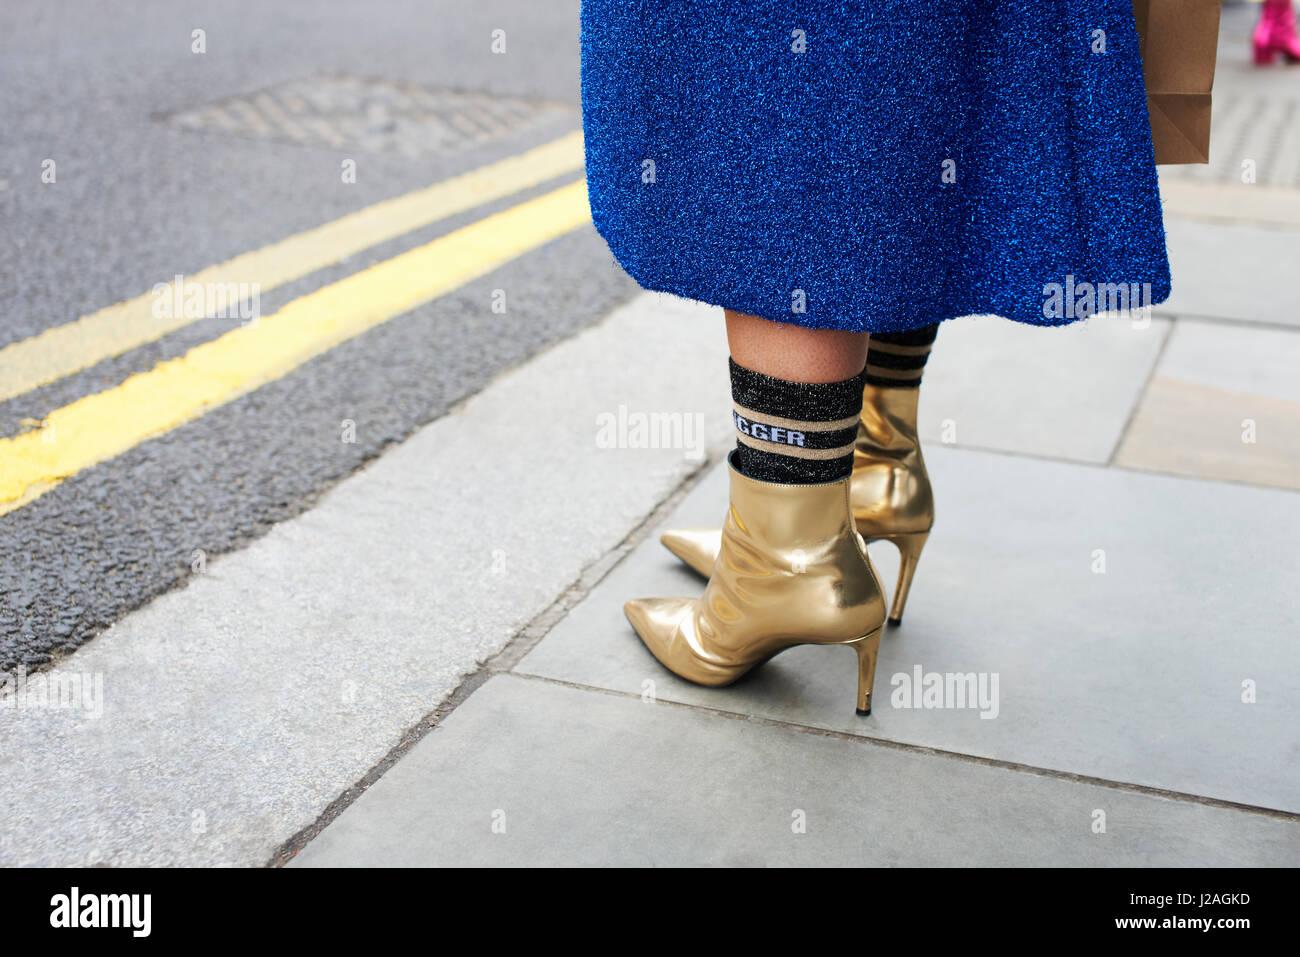 Londres - Février 2017: faible section of woman wearing blue jupe de laine, des chaussettes et des bottes Photo Stock